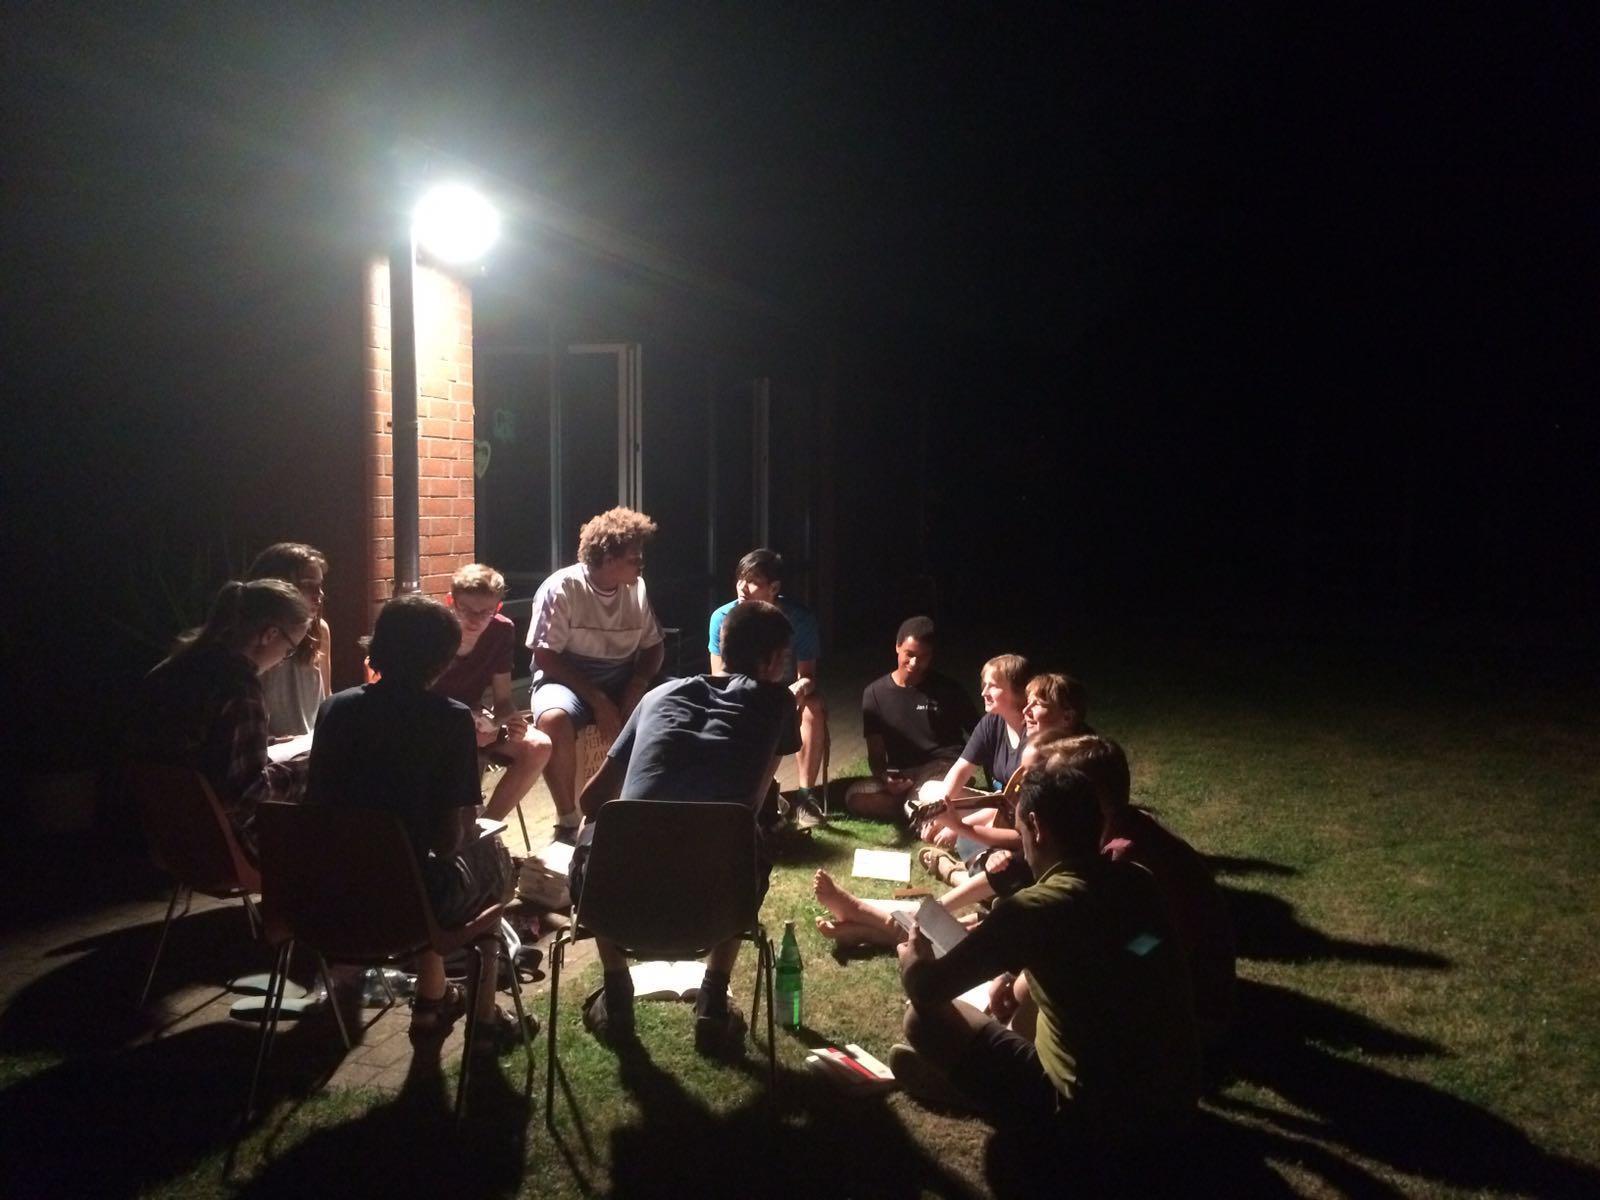 Abends noch gemütlich zusammensitzen und gemeinsam Lieder singen